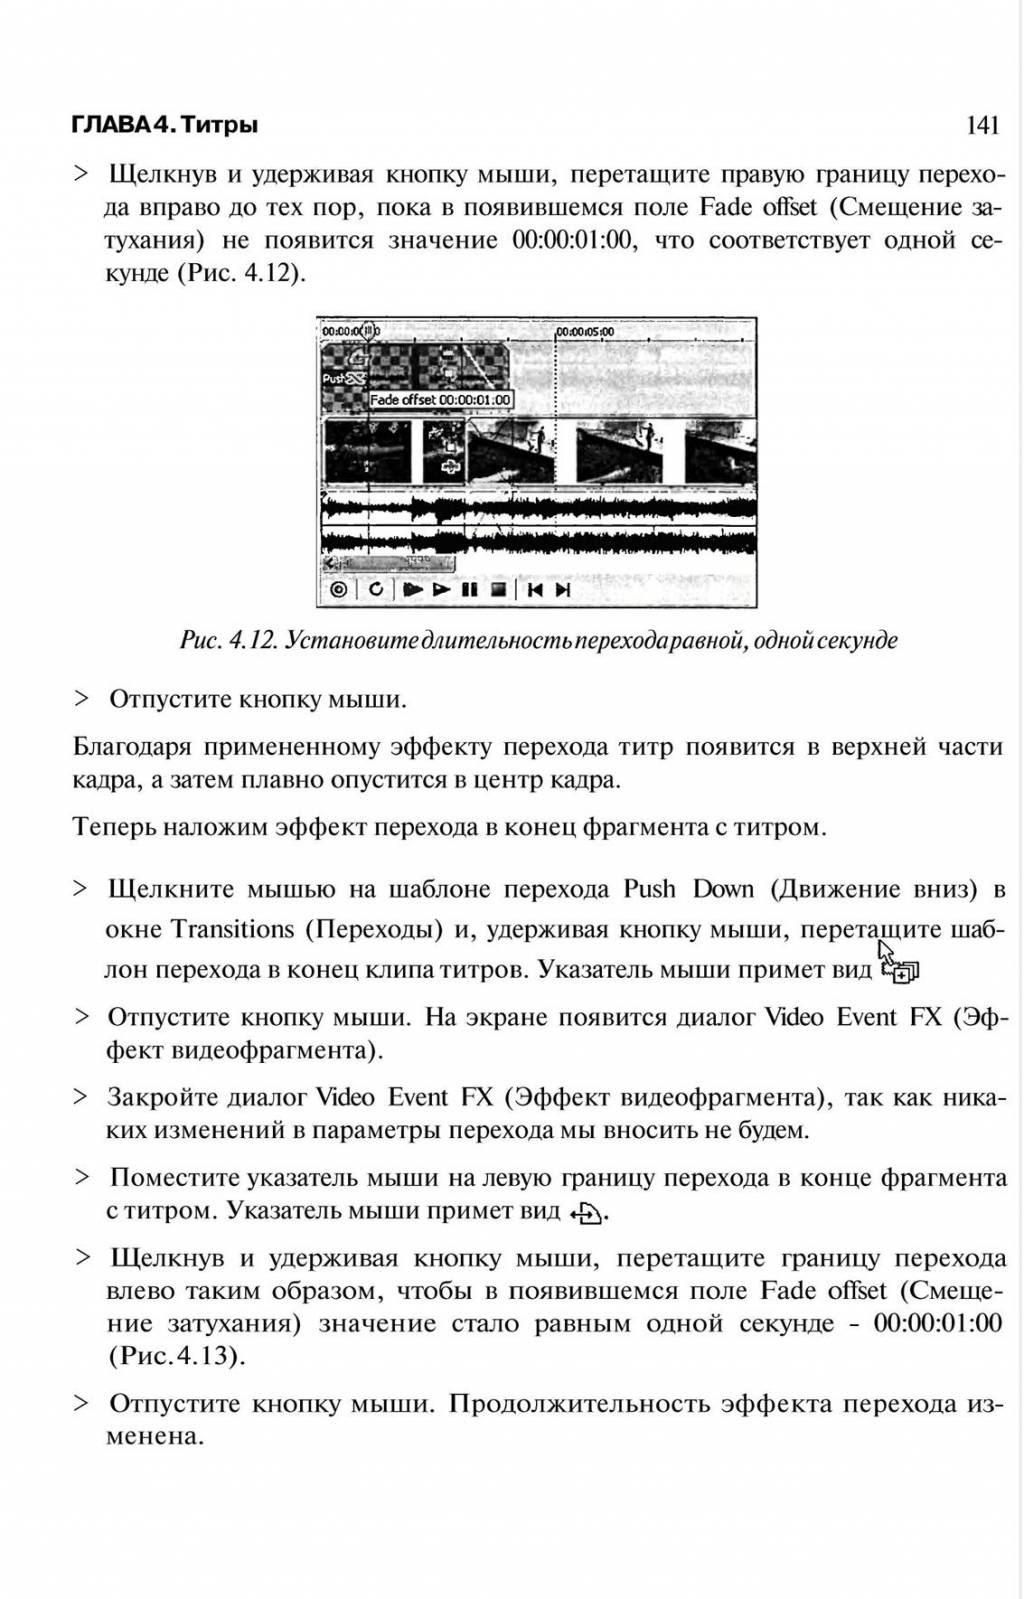 http://redaktori-uroki.3dn.ru/_ph/6/371112782.jpg